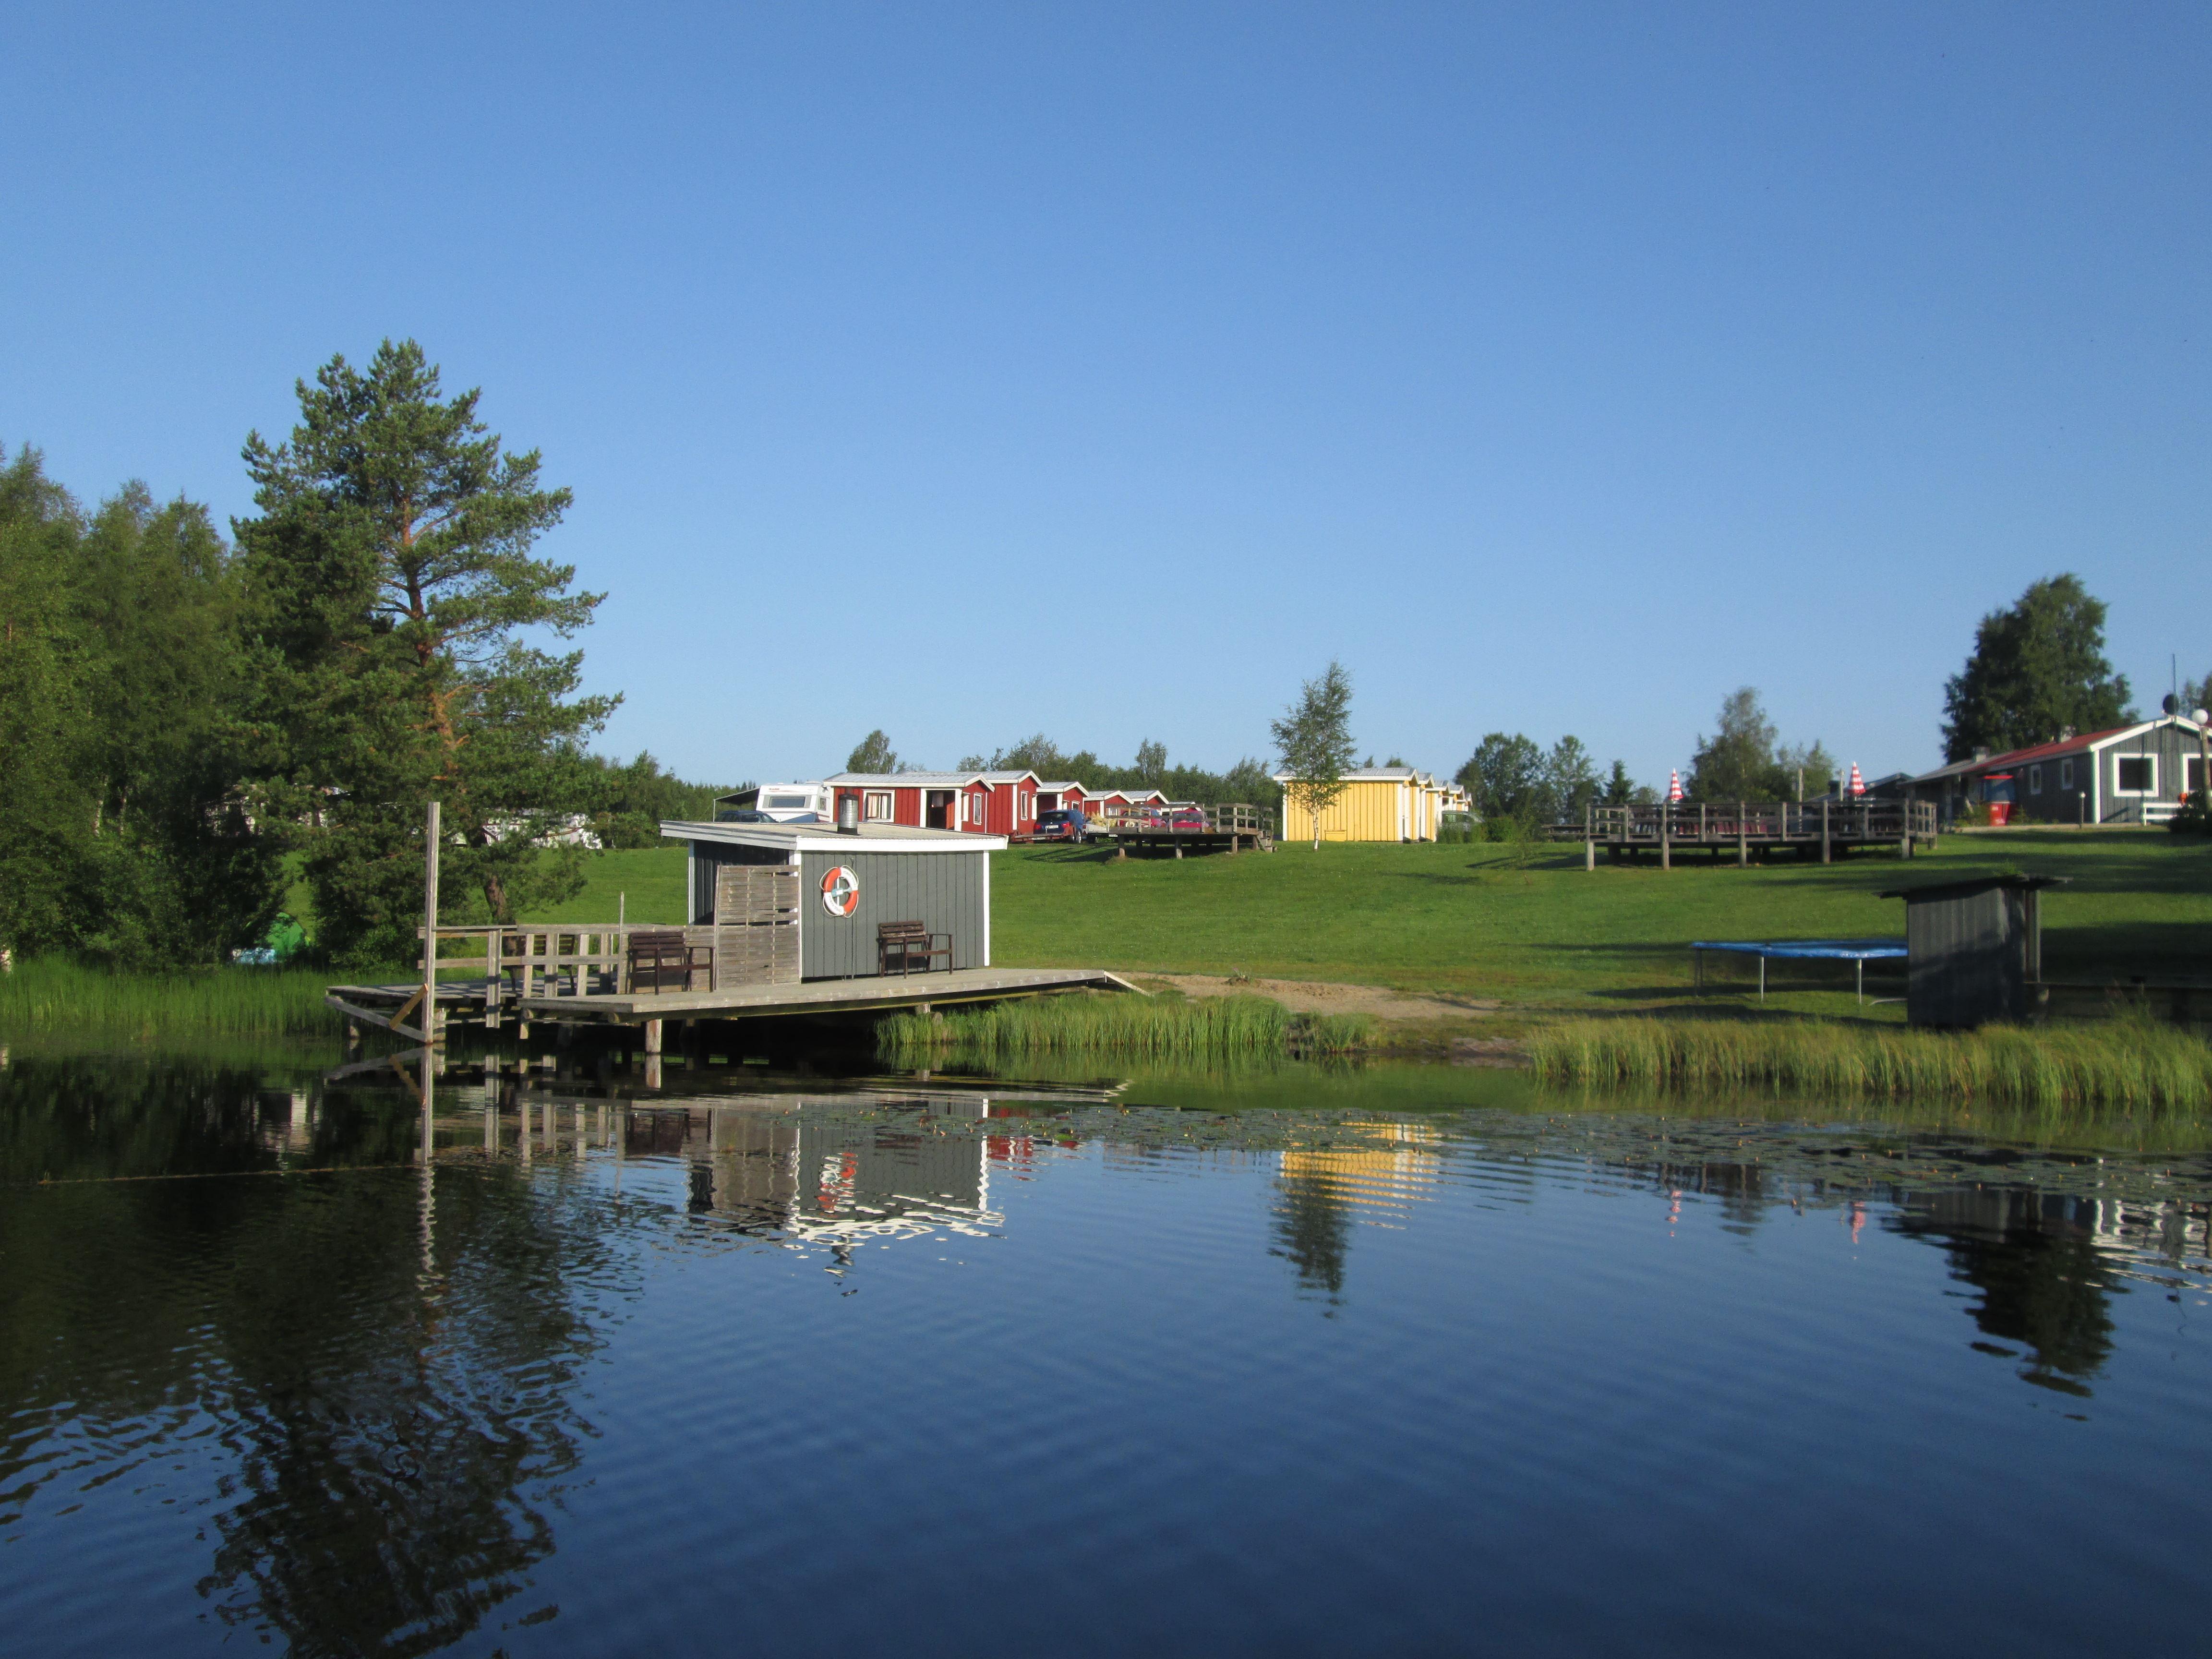 Antjärns Camping och Stugby/Stugor